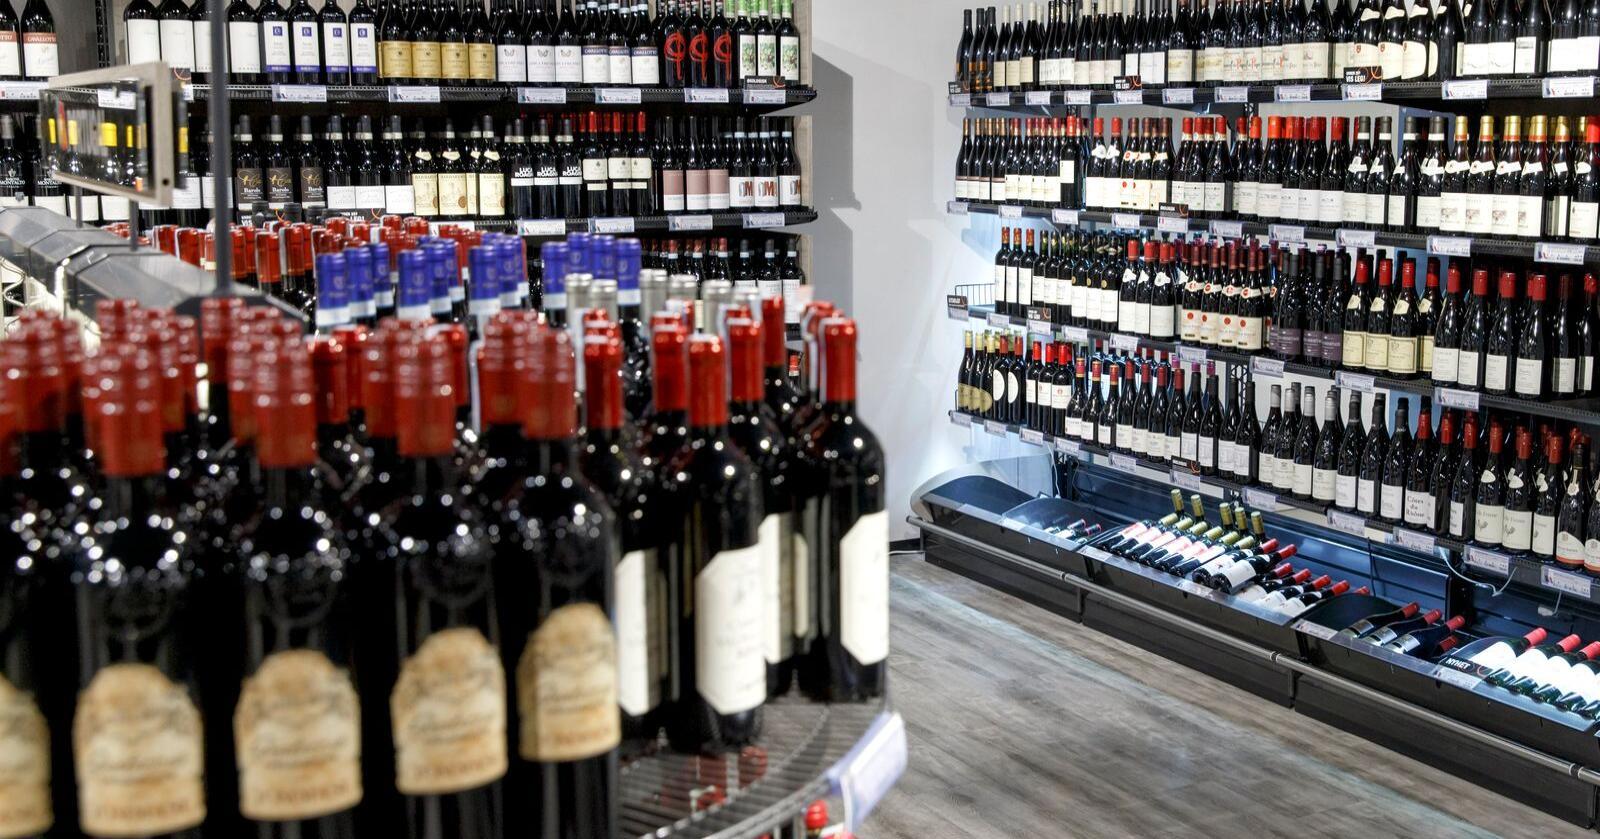 Nordmenn har kjøpt langt mer alkohol i Norge så langt i år. Foto: Gorm Kallestad / NTB scanpix